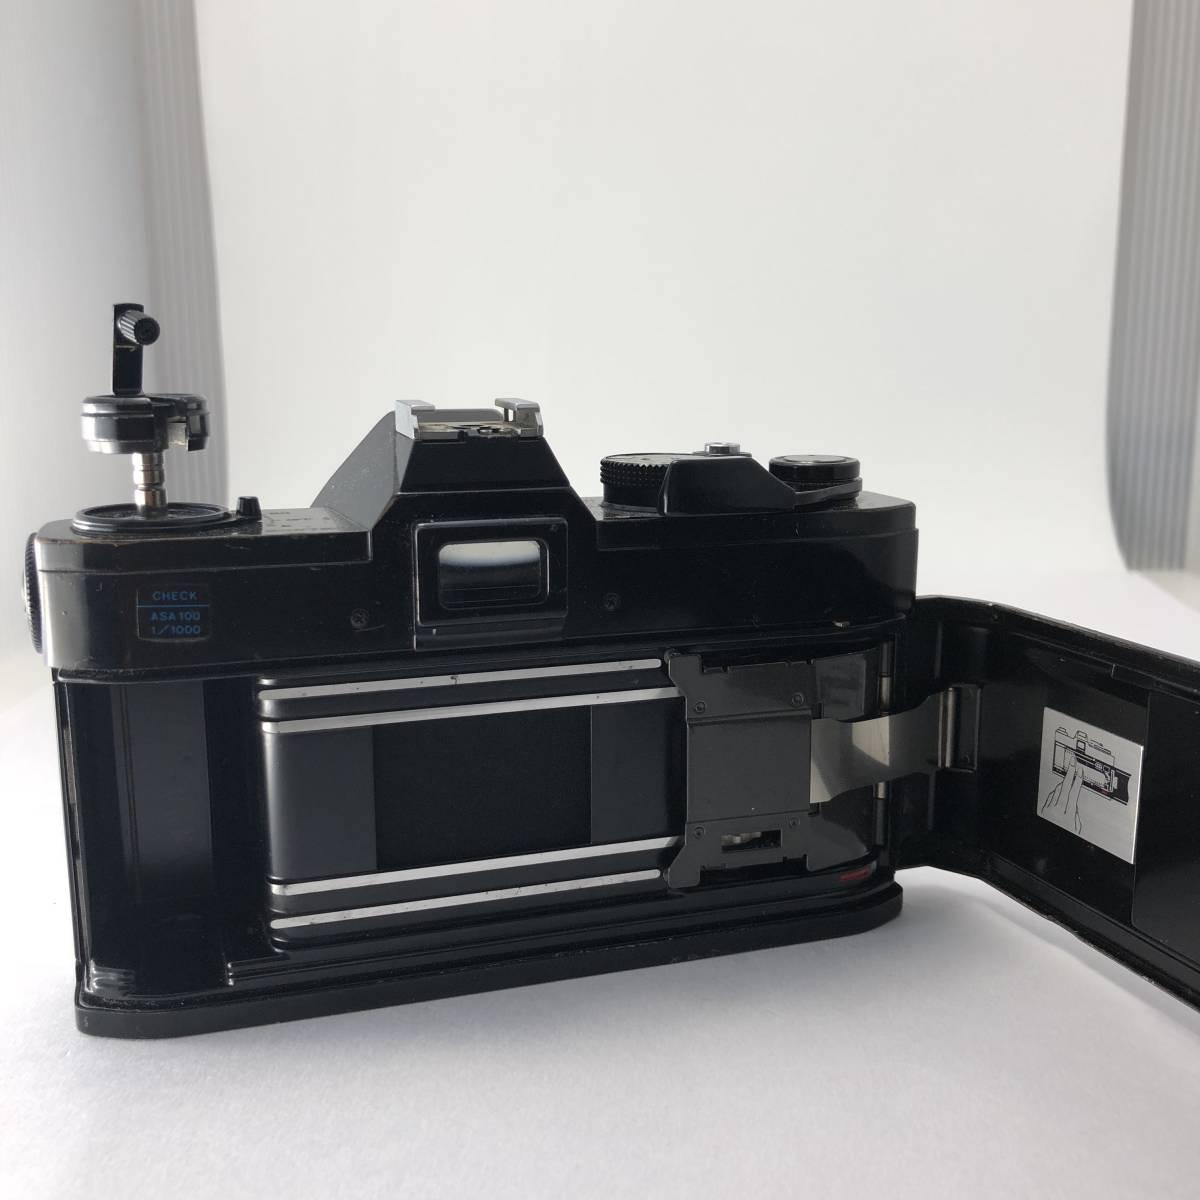 キャノン Canon FTb カメラ FD S.S.C. SSC 50mm 1.4 / FD S.S.C. SSC 24mm 2.8 / FD 35-105mm 3.5 レンズ セット no.A1_画像3